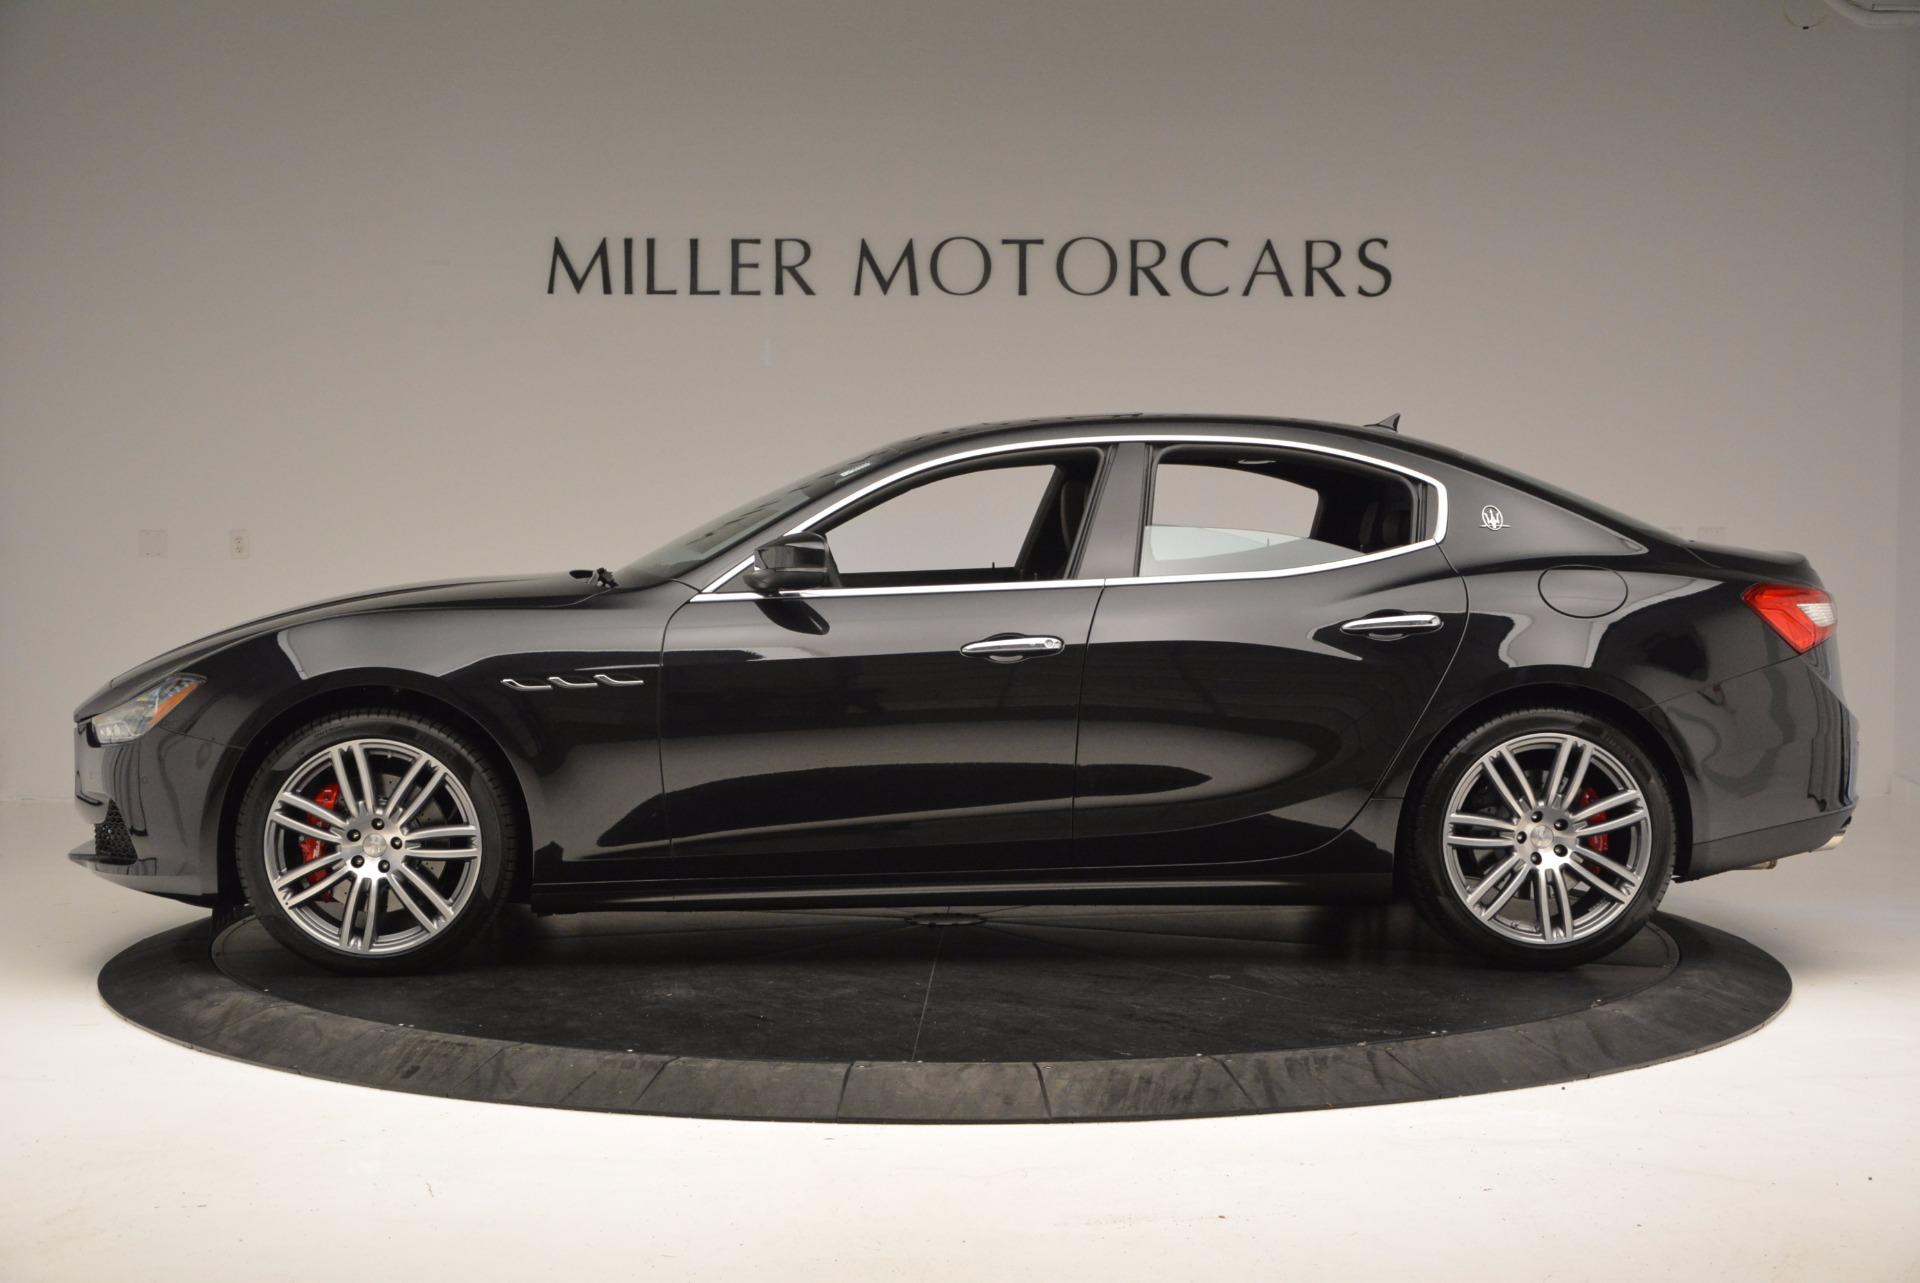 New 2017 Maserati Ghibli S Q4 For Sale In Greenwich, CT 1048_p2